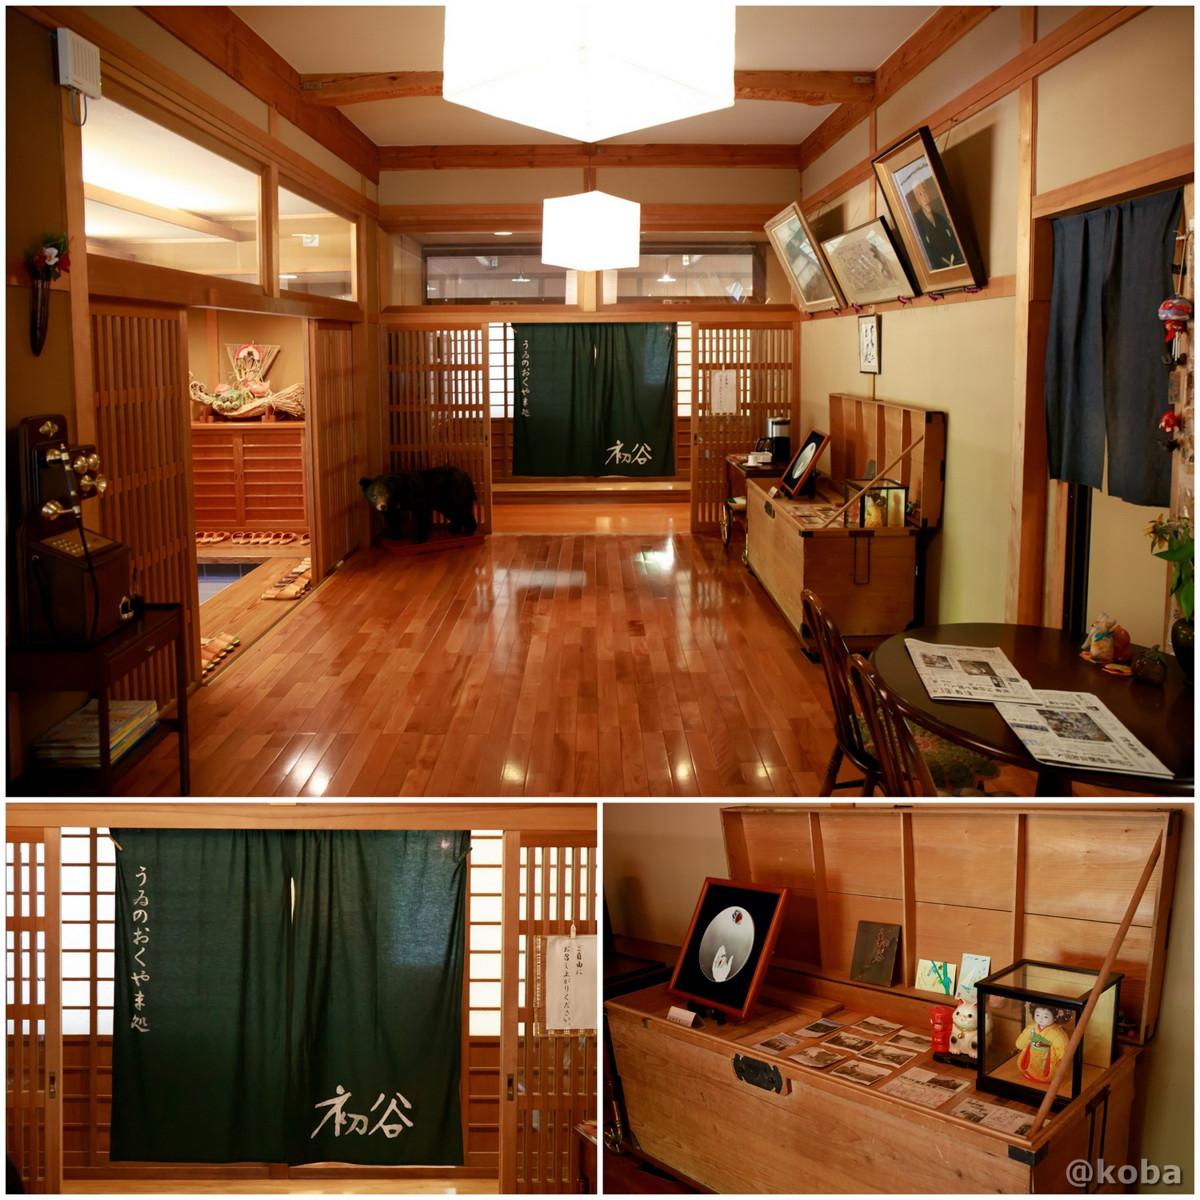 ホールの写真 内山峠 初谷温泉(うちやまとうげ しょやおんせん) 長野県佐久市 日本秘湯を守る会